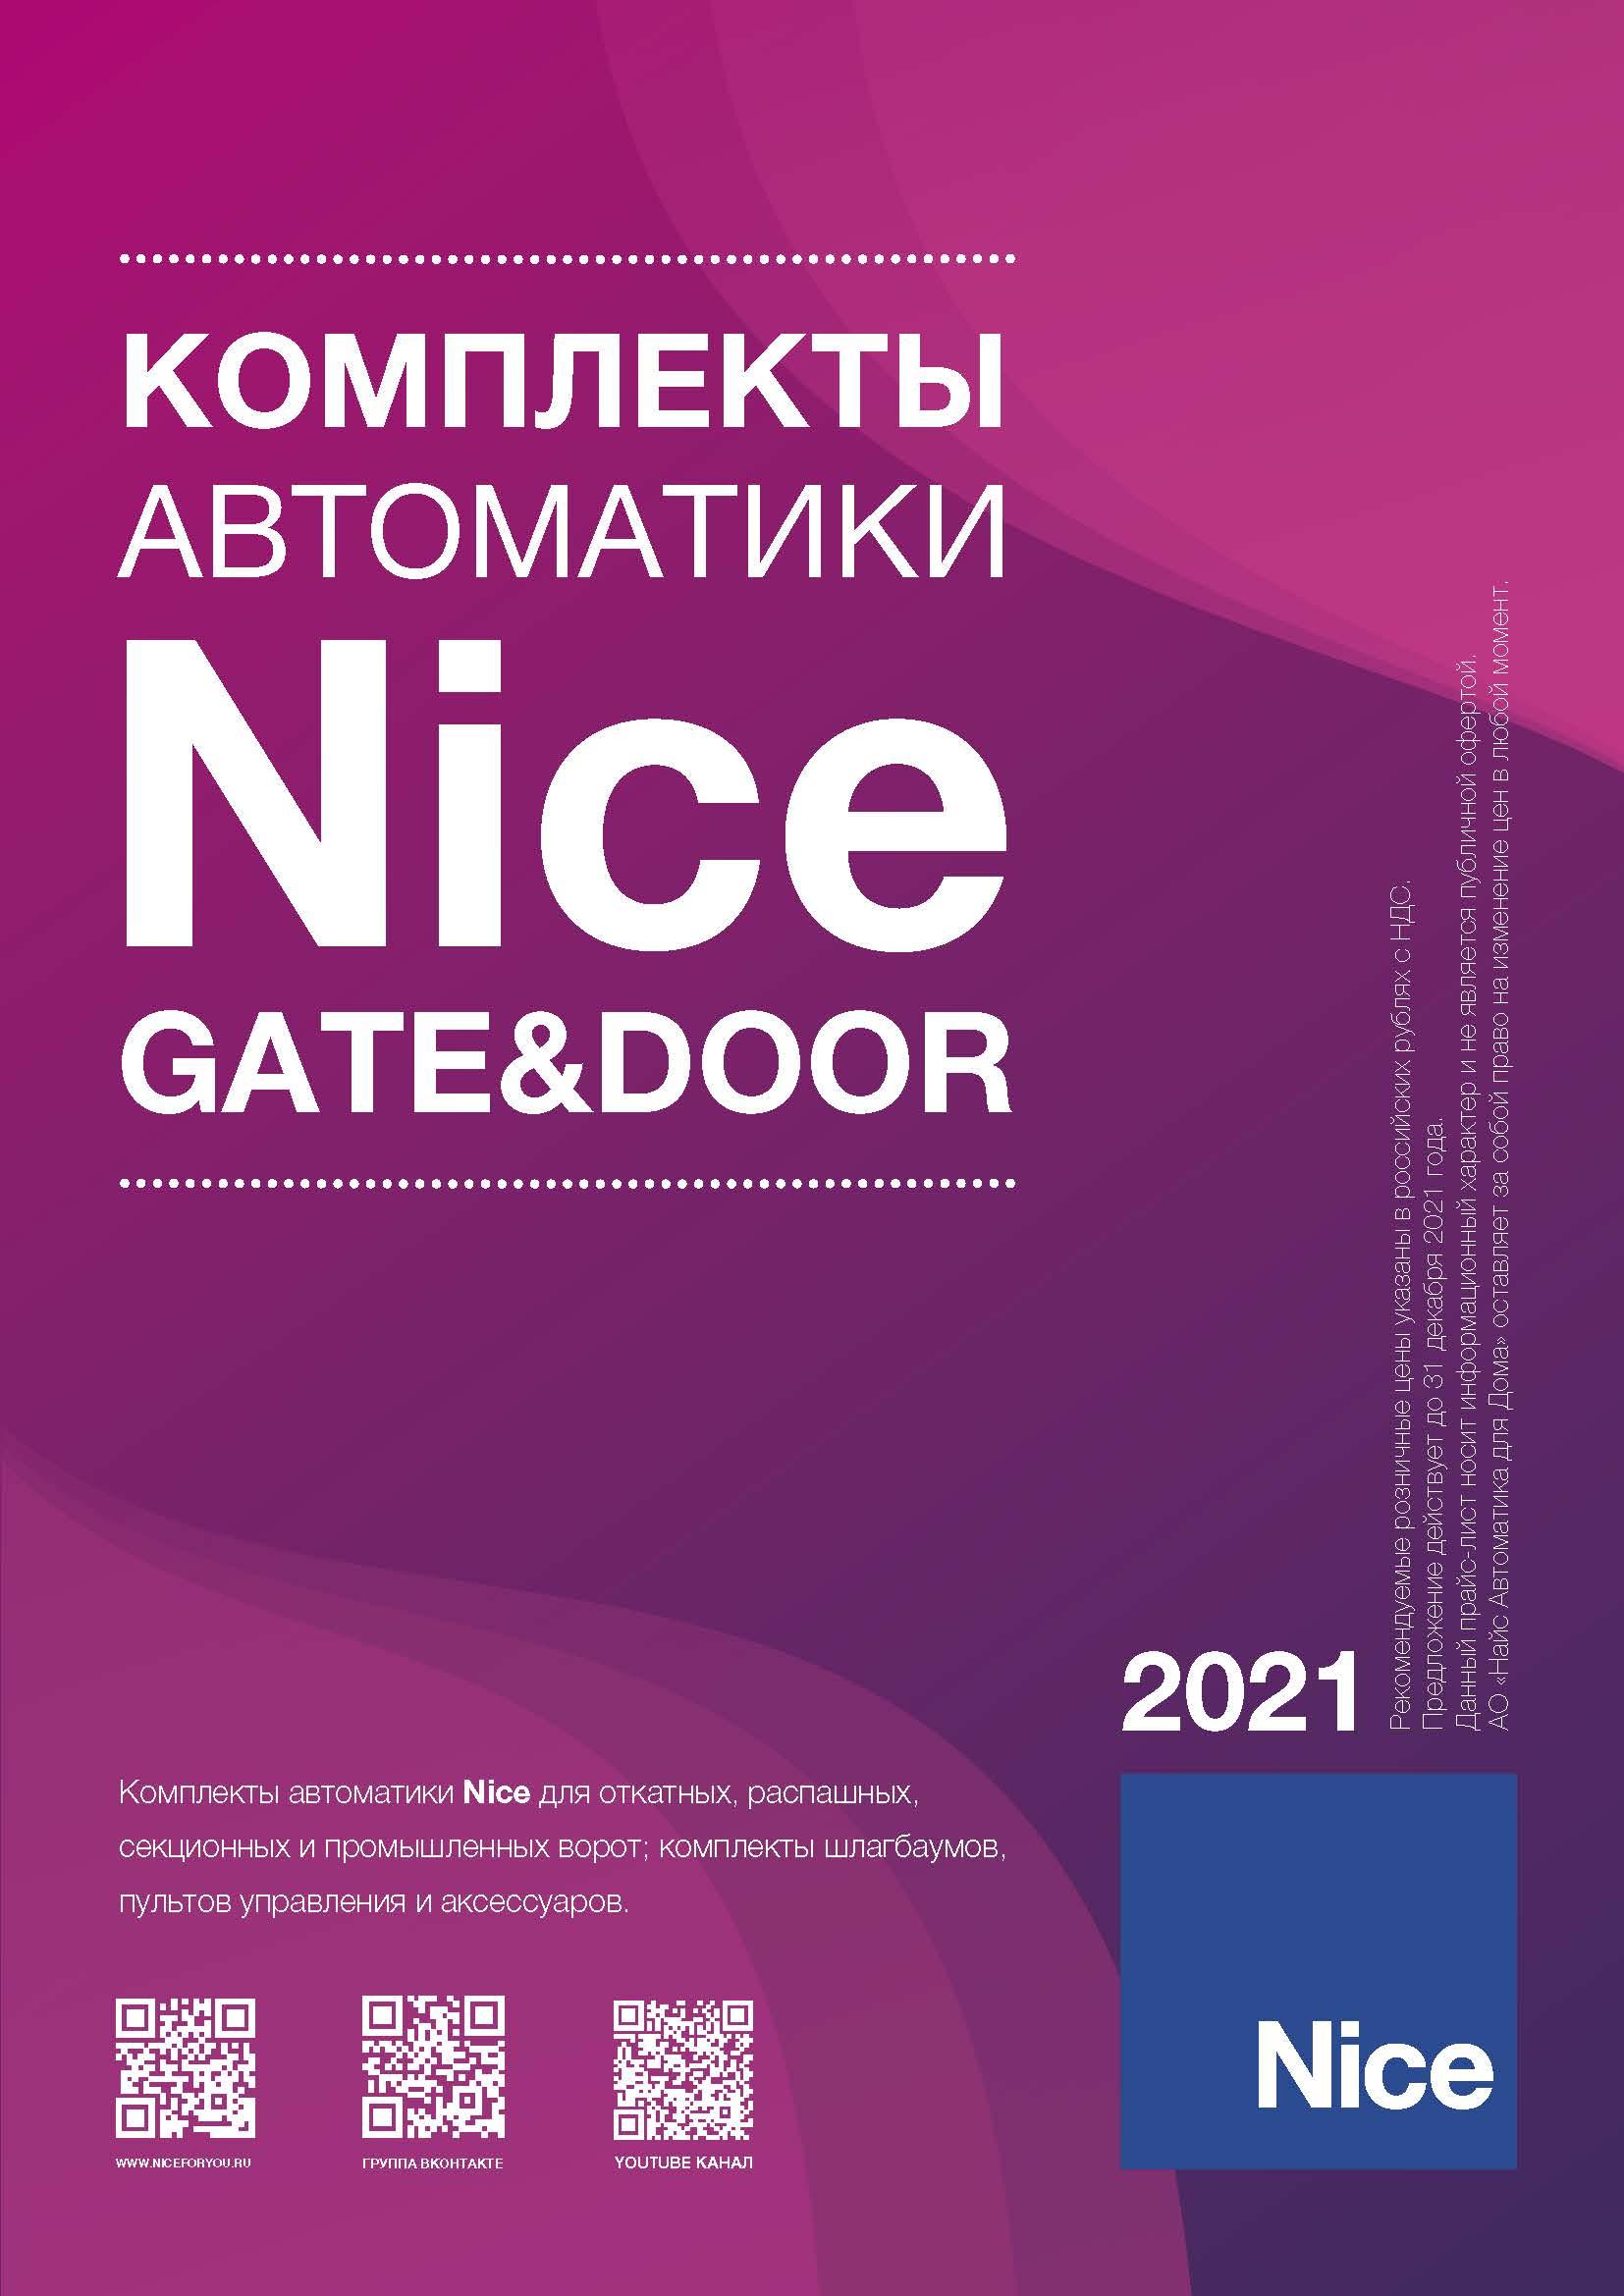 Брошюра «Комплекты автоматики Nice 2021» доступна для скачивания!